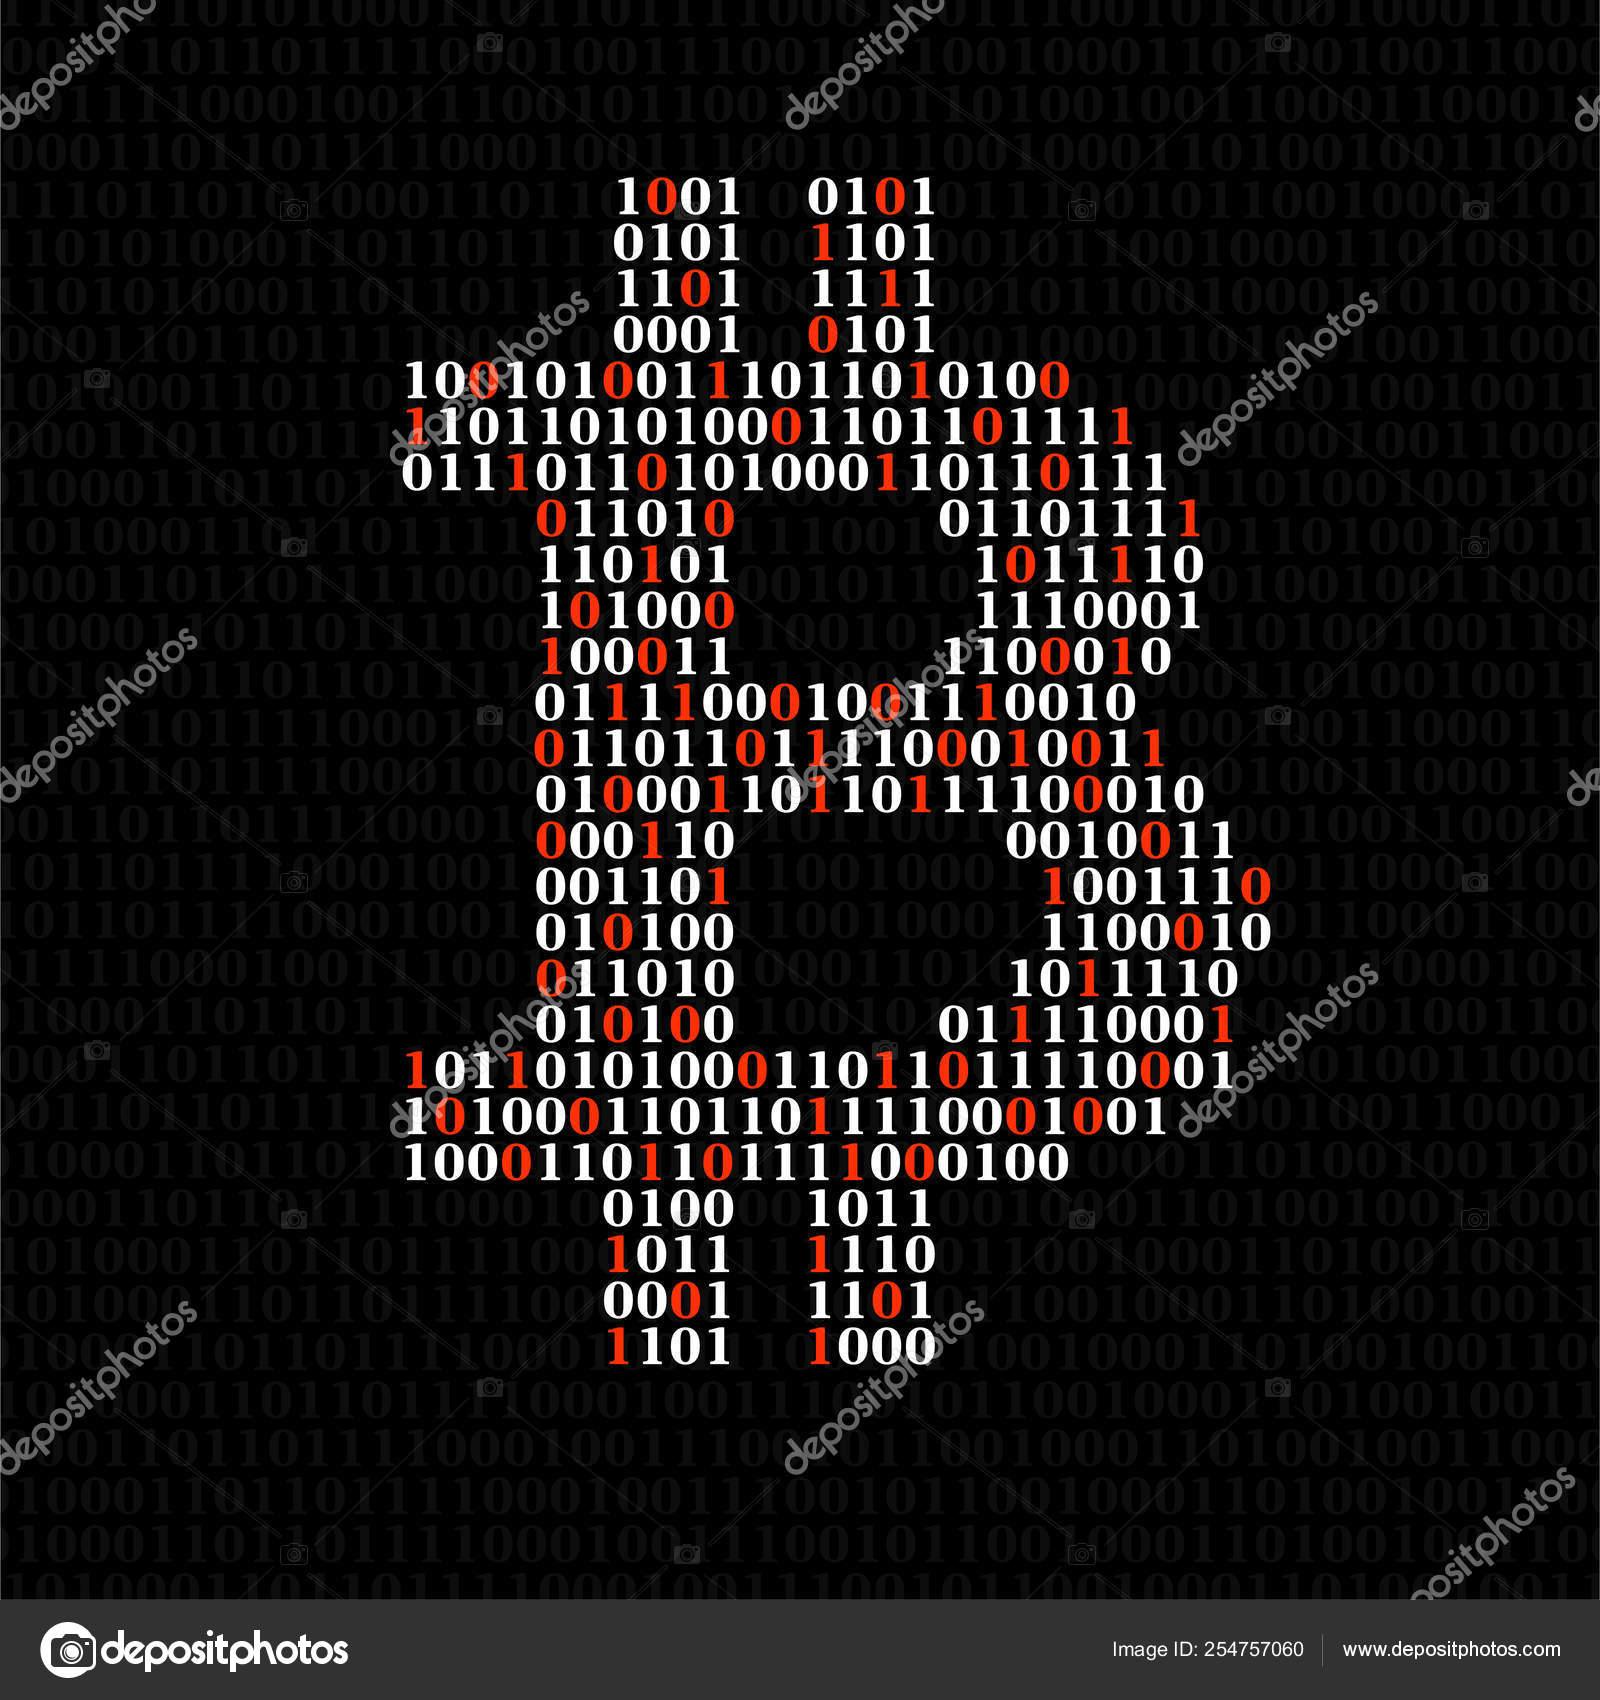 Azioni Bitcoin - Quotazioni - DEA1TNV91 (ADE) - Azione ordinaria | liceo-orazio.it